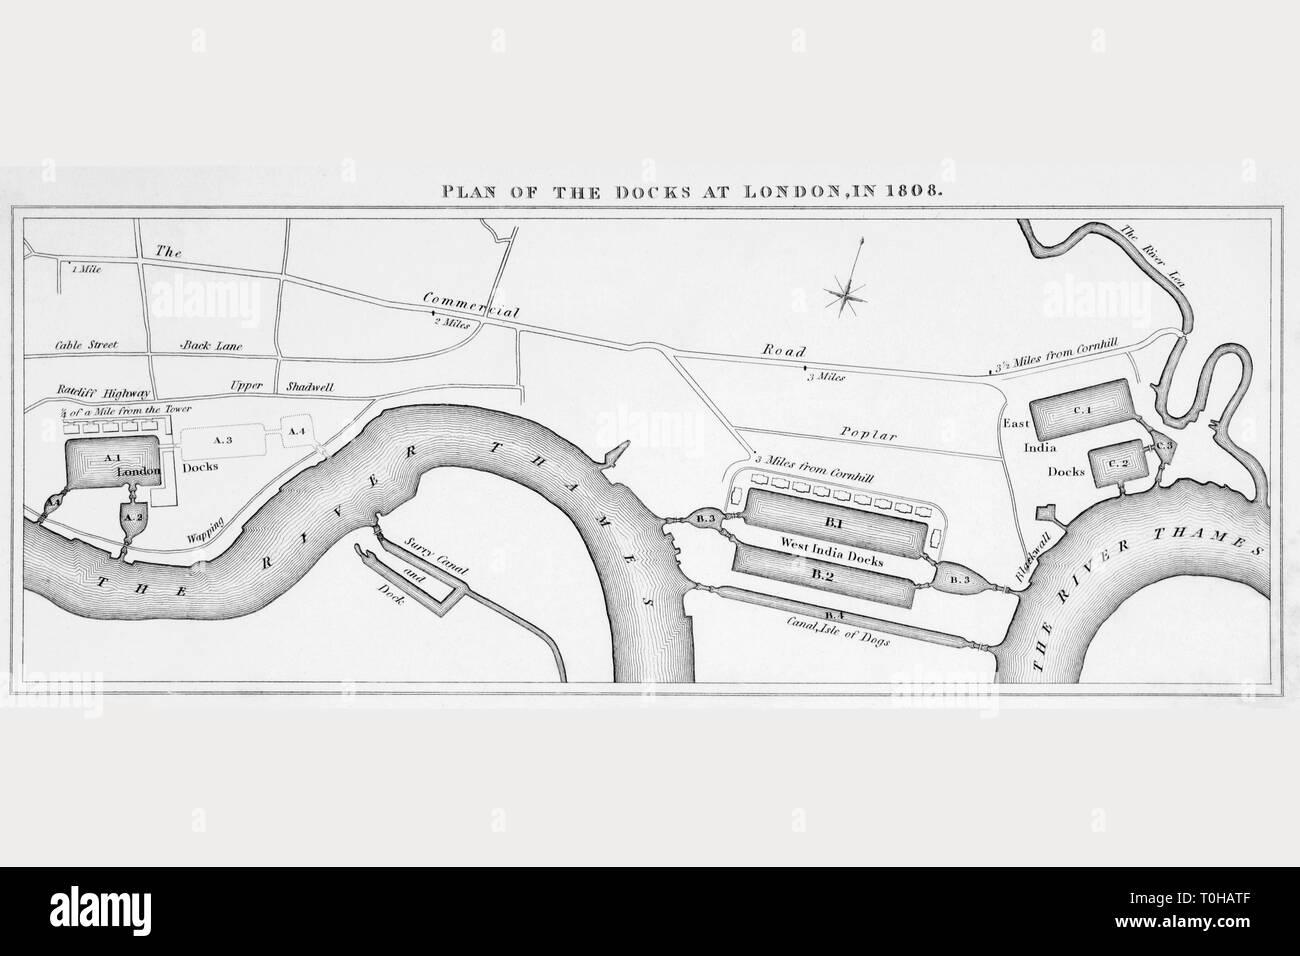 Plan of London docks, 1808 - Stock Image